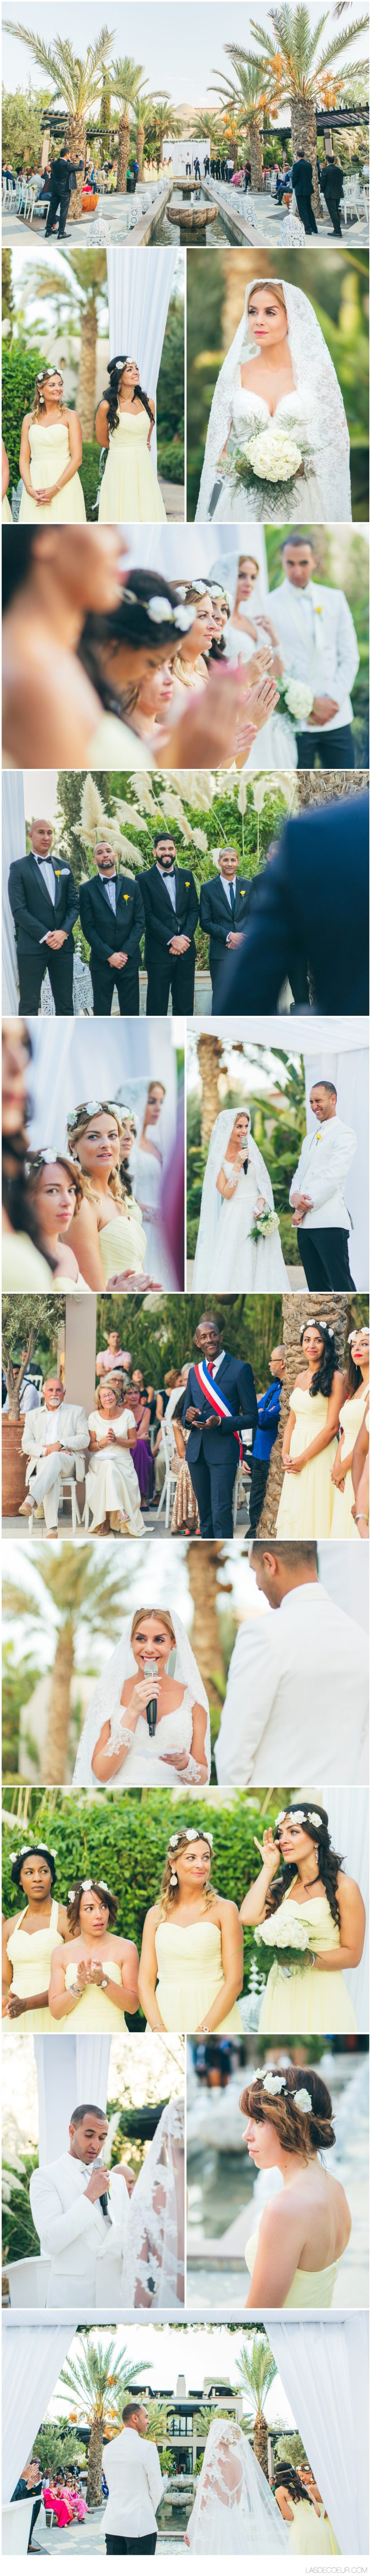 photographe mariage Marrakech cérémonie extérieur